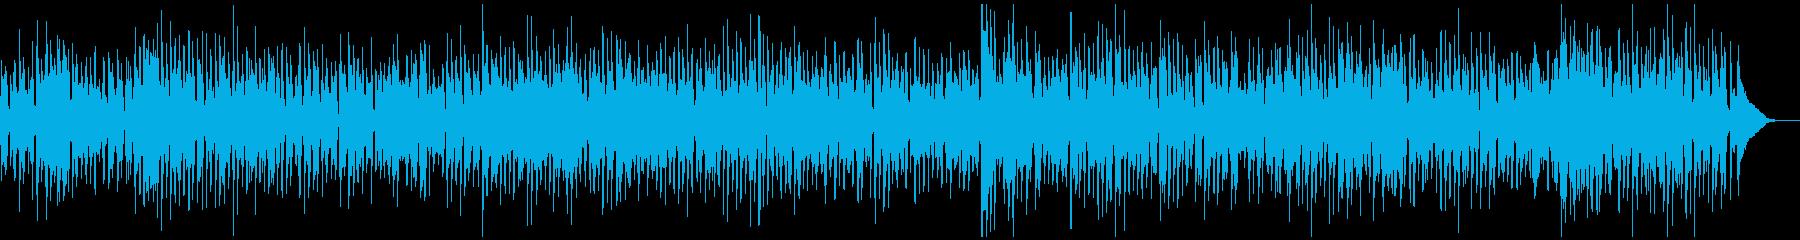 アルトサックス、スイングジャズBGMの再生済みの波形